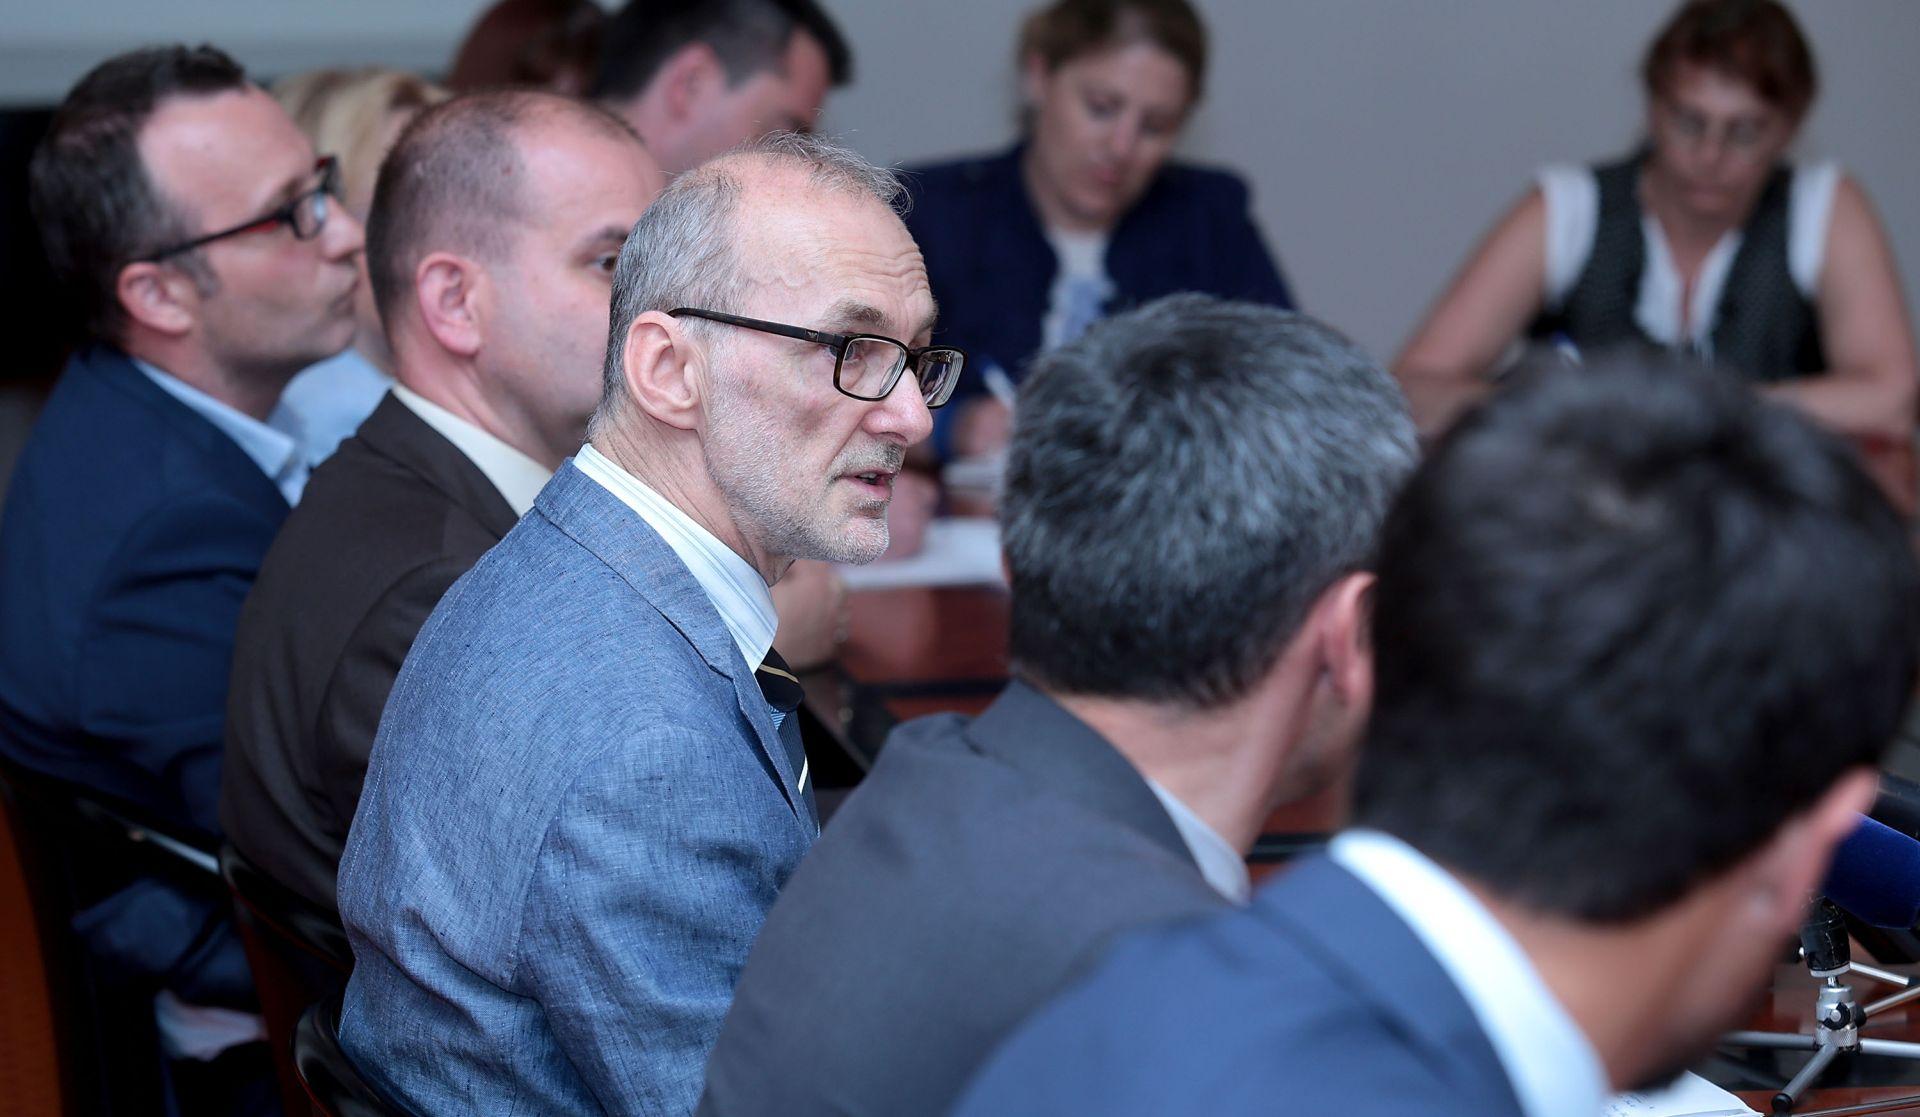 NESLUŽBENO: HDZ i SDP postigli dogovor o imenovanju 10 ustavnih sudaca